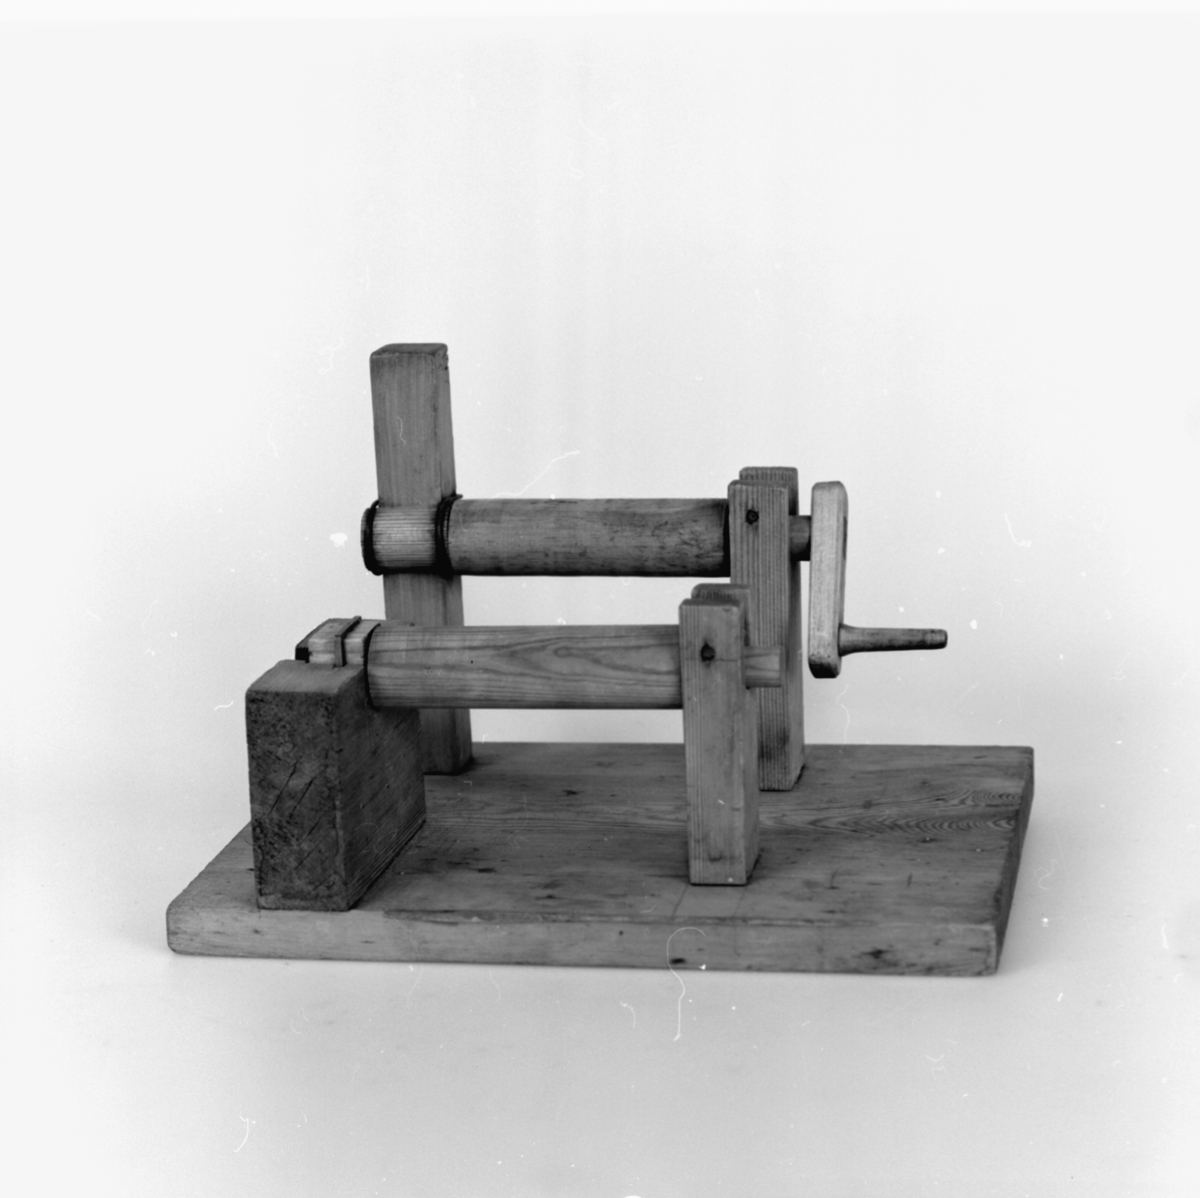 Modell ur Polhems mekaniska alfabet. Text på föremålet: III, IV. Exempel på leder: hylsan som ligger över axeltappen gjordes enligt Cronstedt av trä, som smordes med talg.